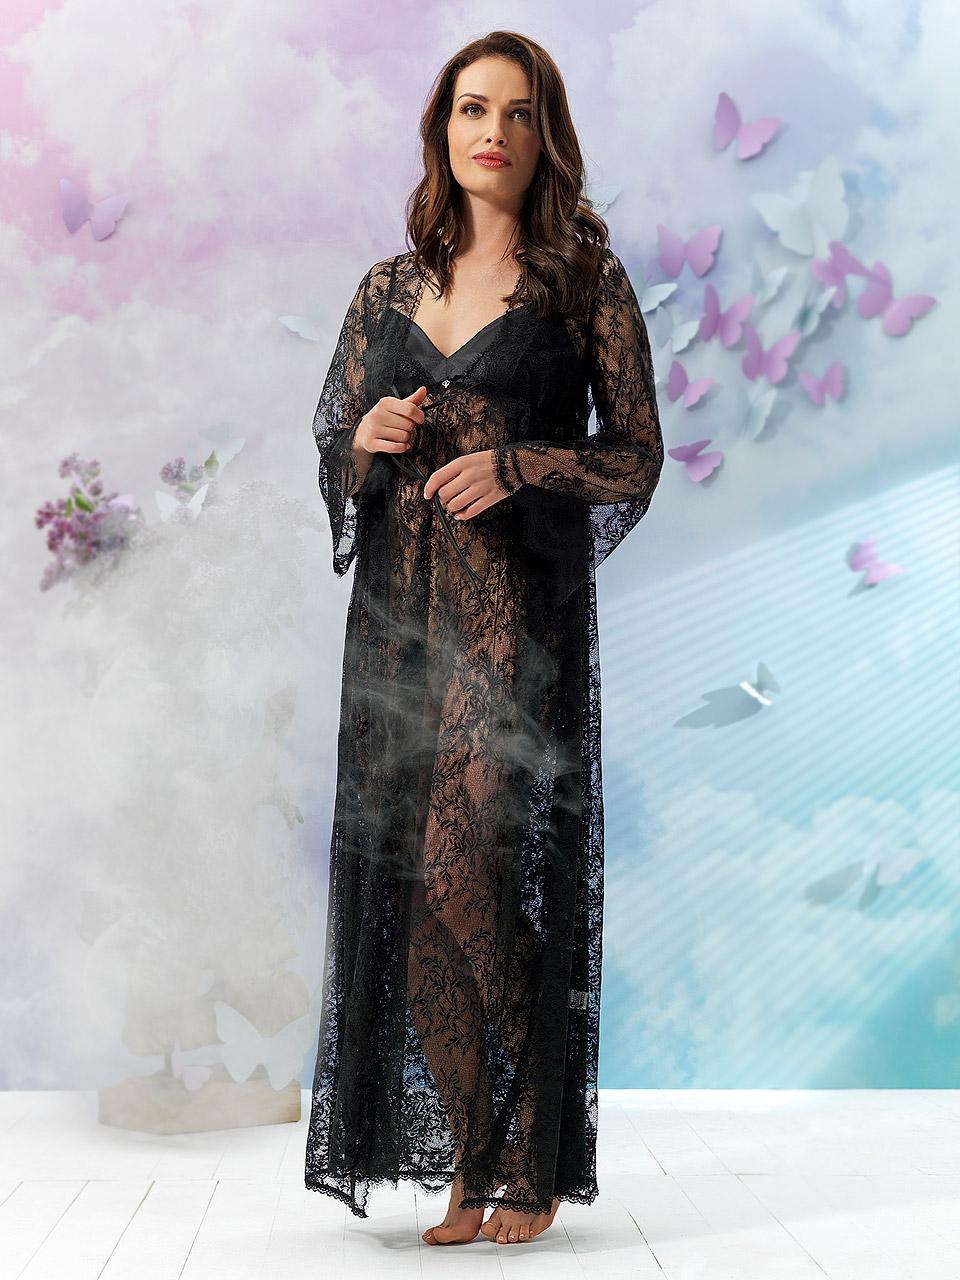 Jasmine 2909 Vestaglia<br />01 Ivory, 02 Black